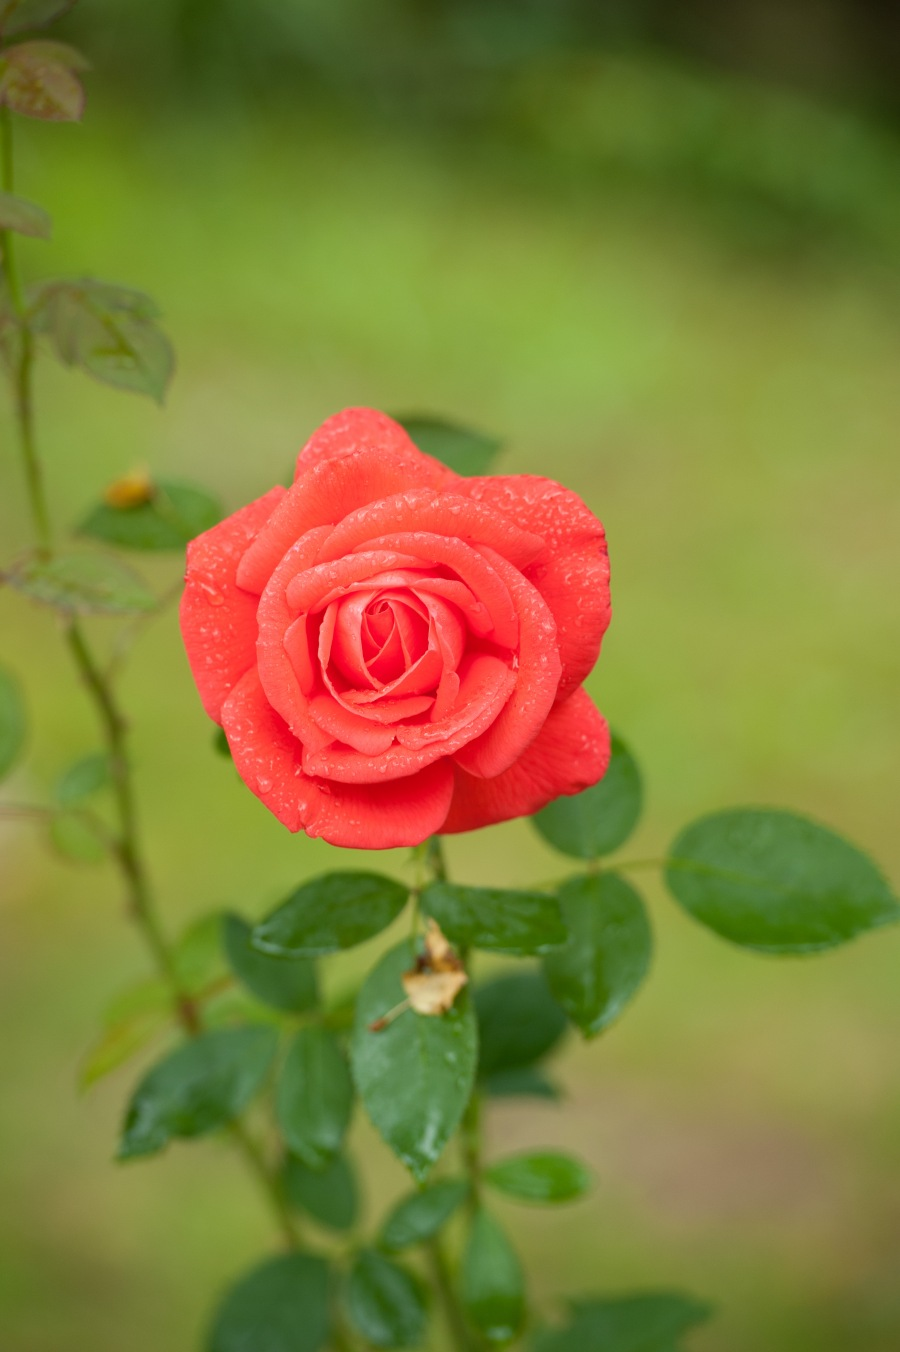 2013-09-15-rose-0005